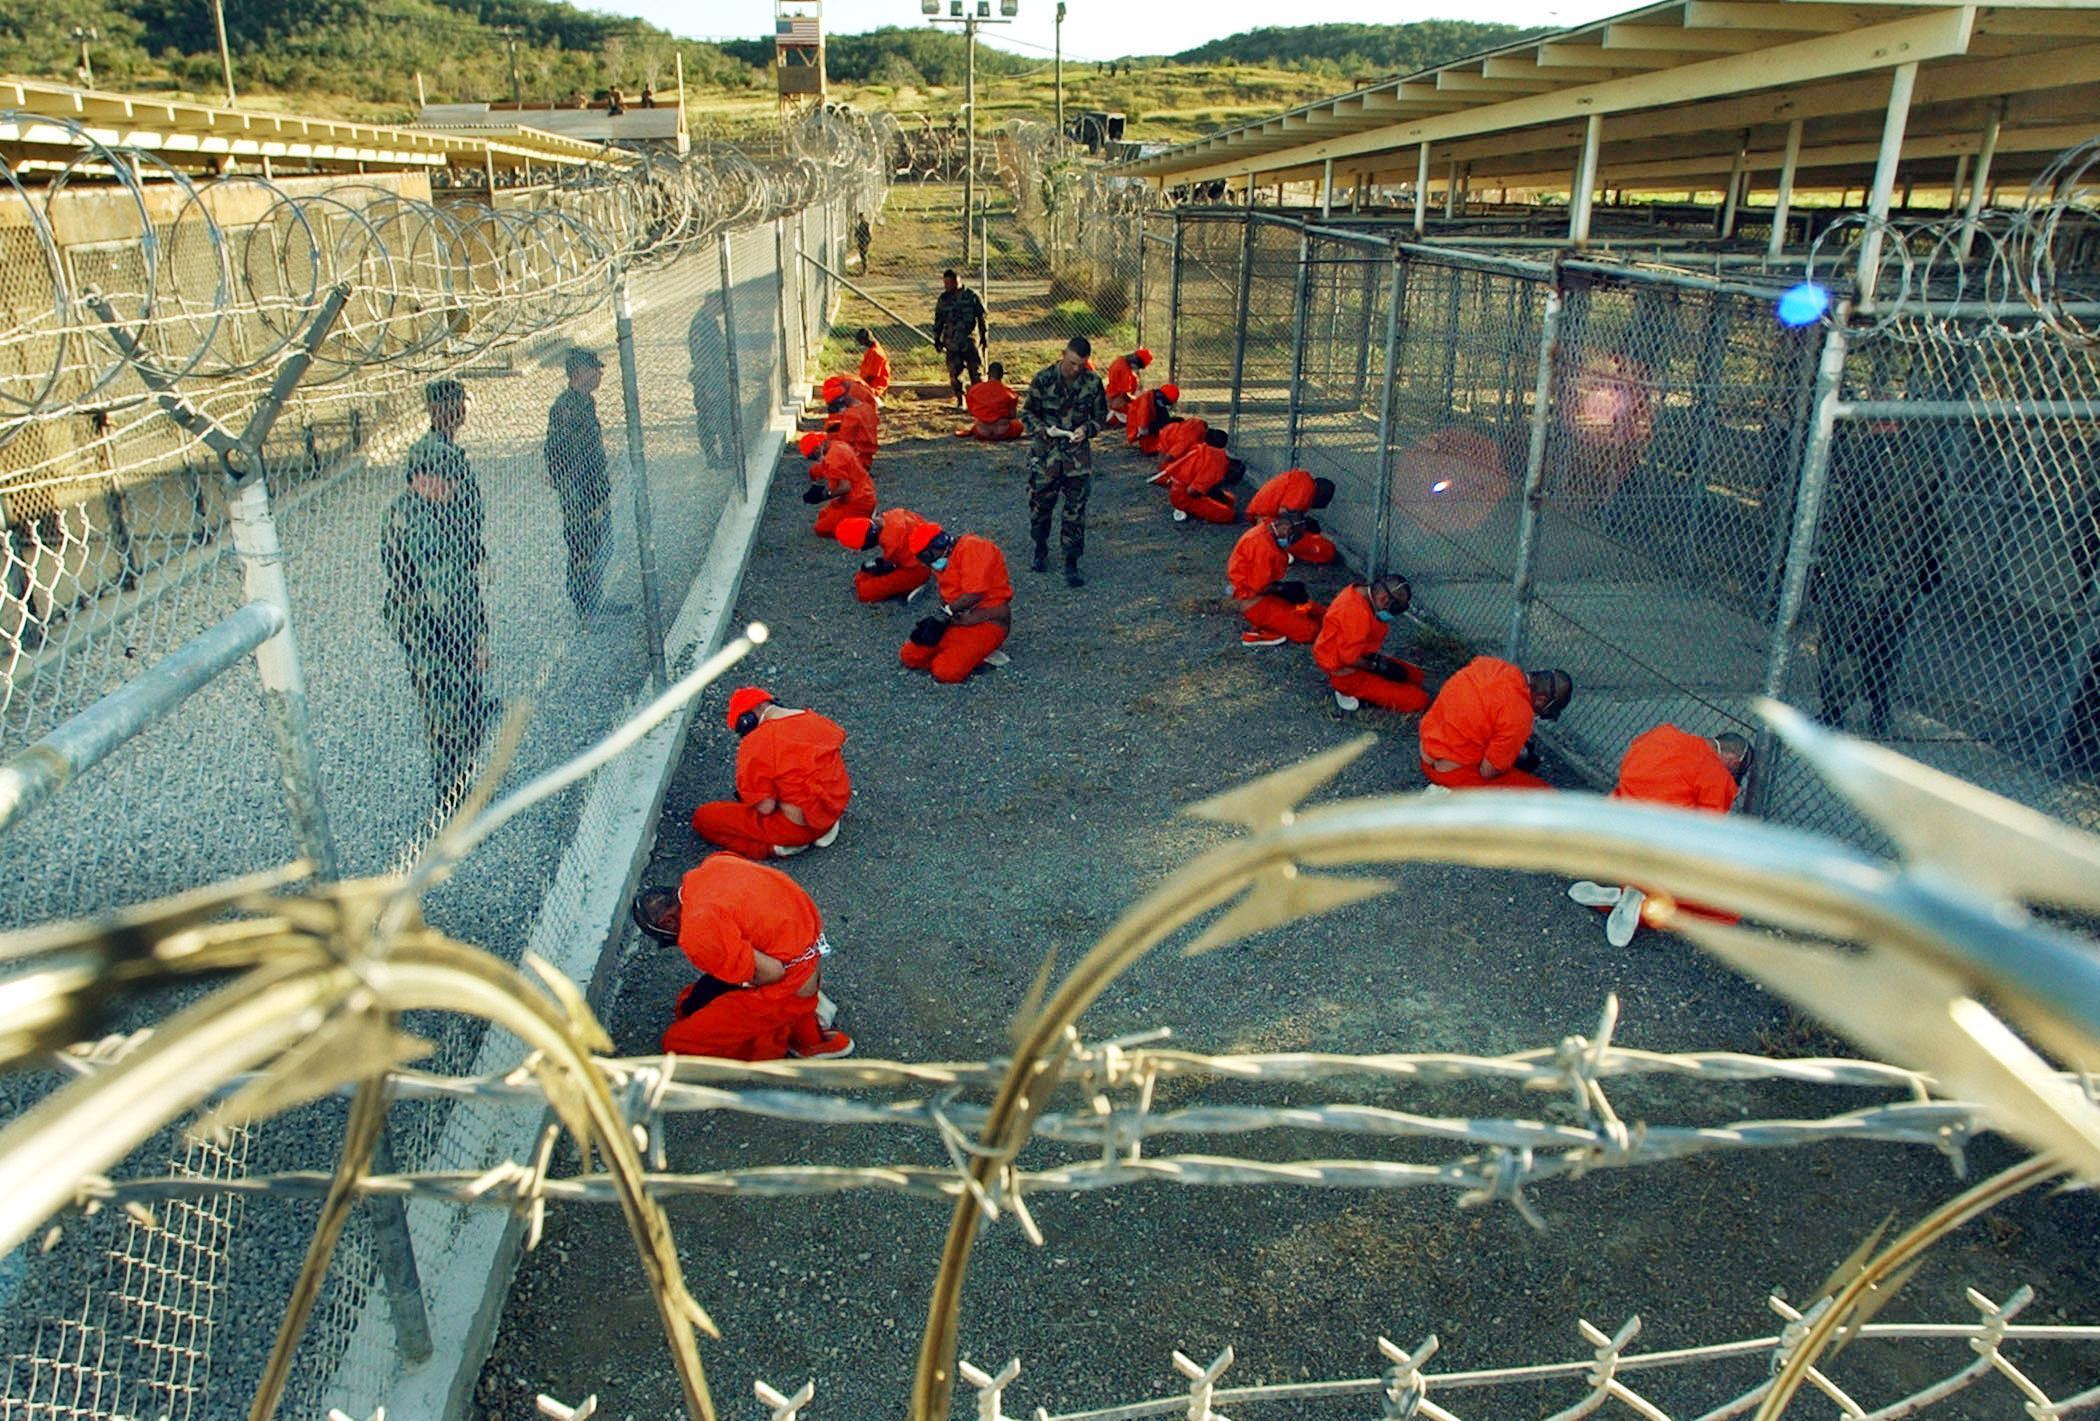 Os ex-prisioneiros, a maioria detentos de Guantánamo, acusam o governo britânico de cumplicidade em atos de tortura.